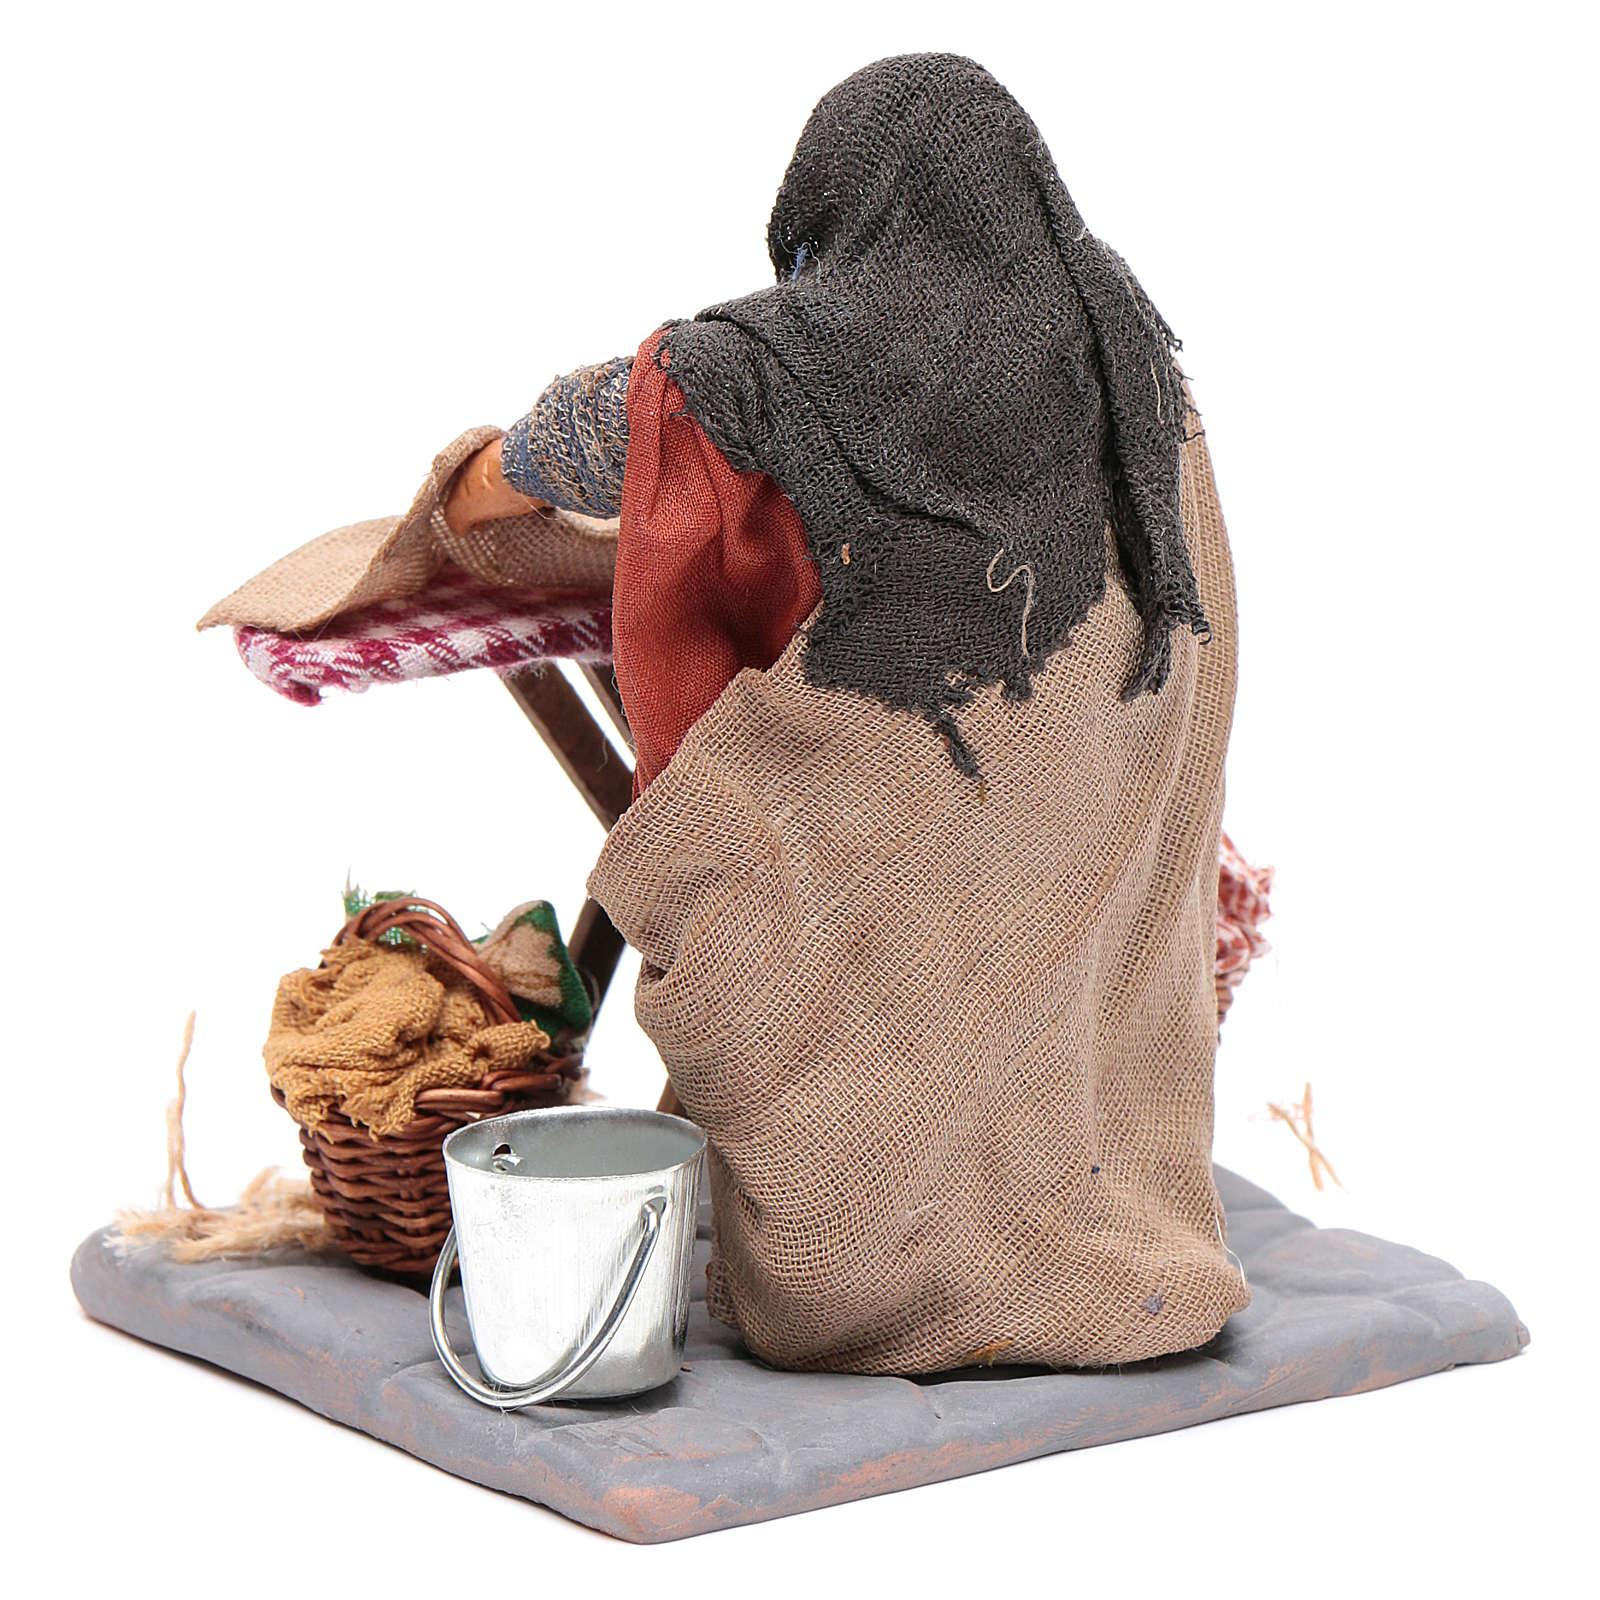 Mujer planchando 10 cm Belén napolitano 4